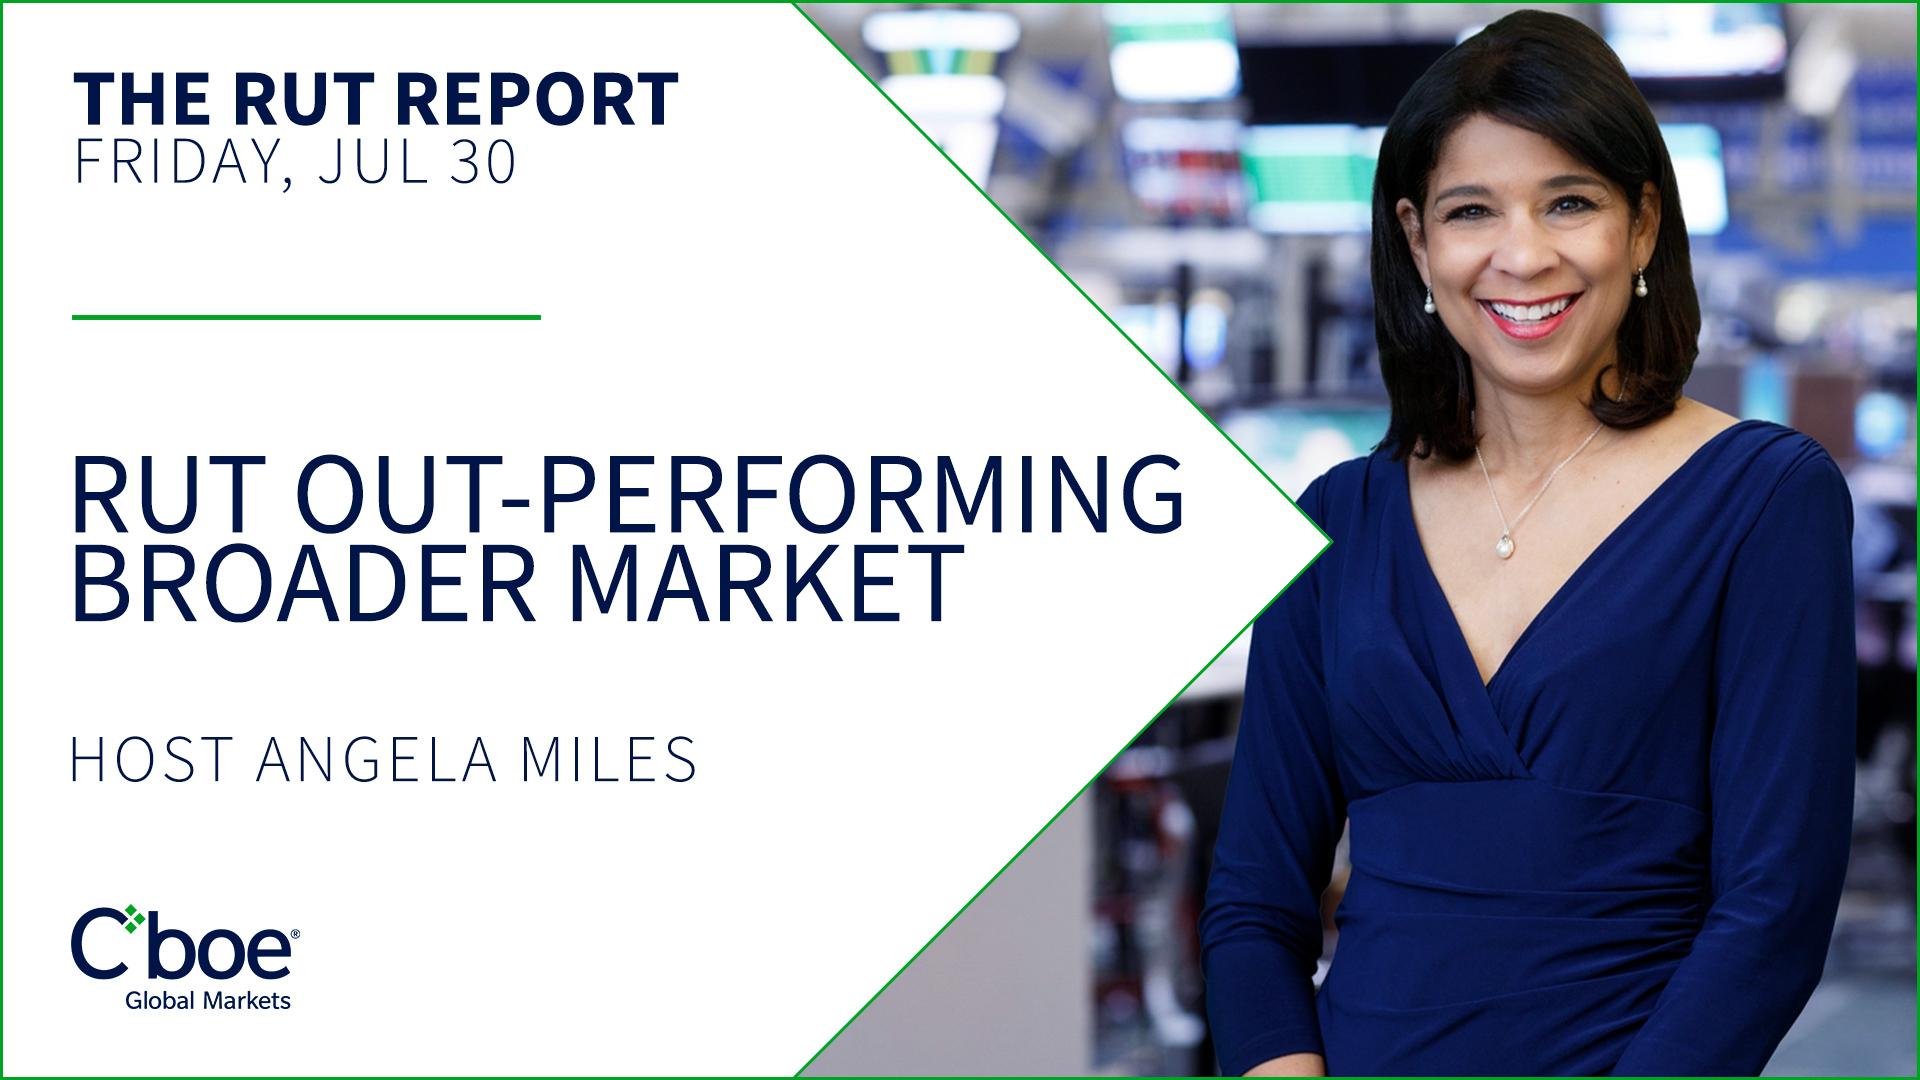 RUT Out-performing Broader Market Thumbnail